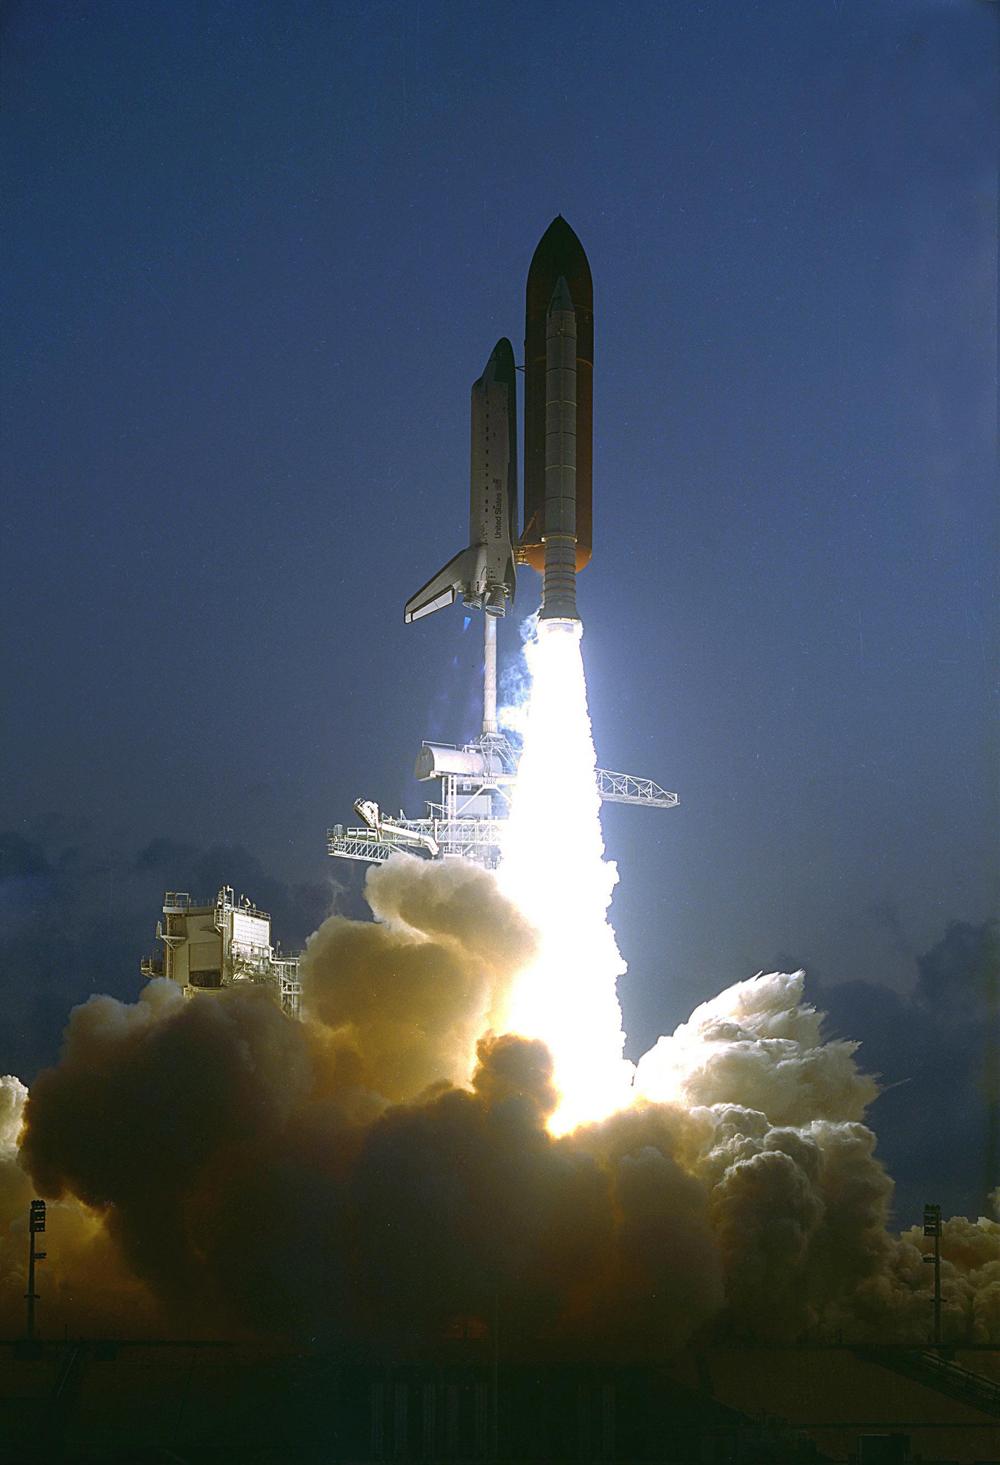 NASA's Shuttle Baby